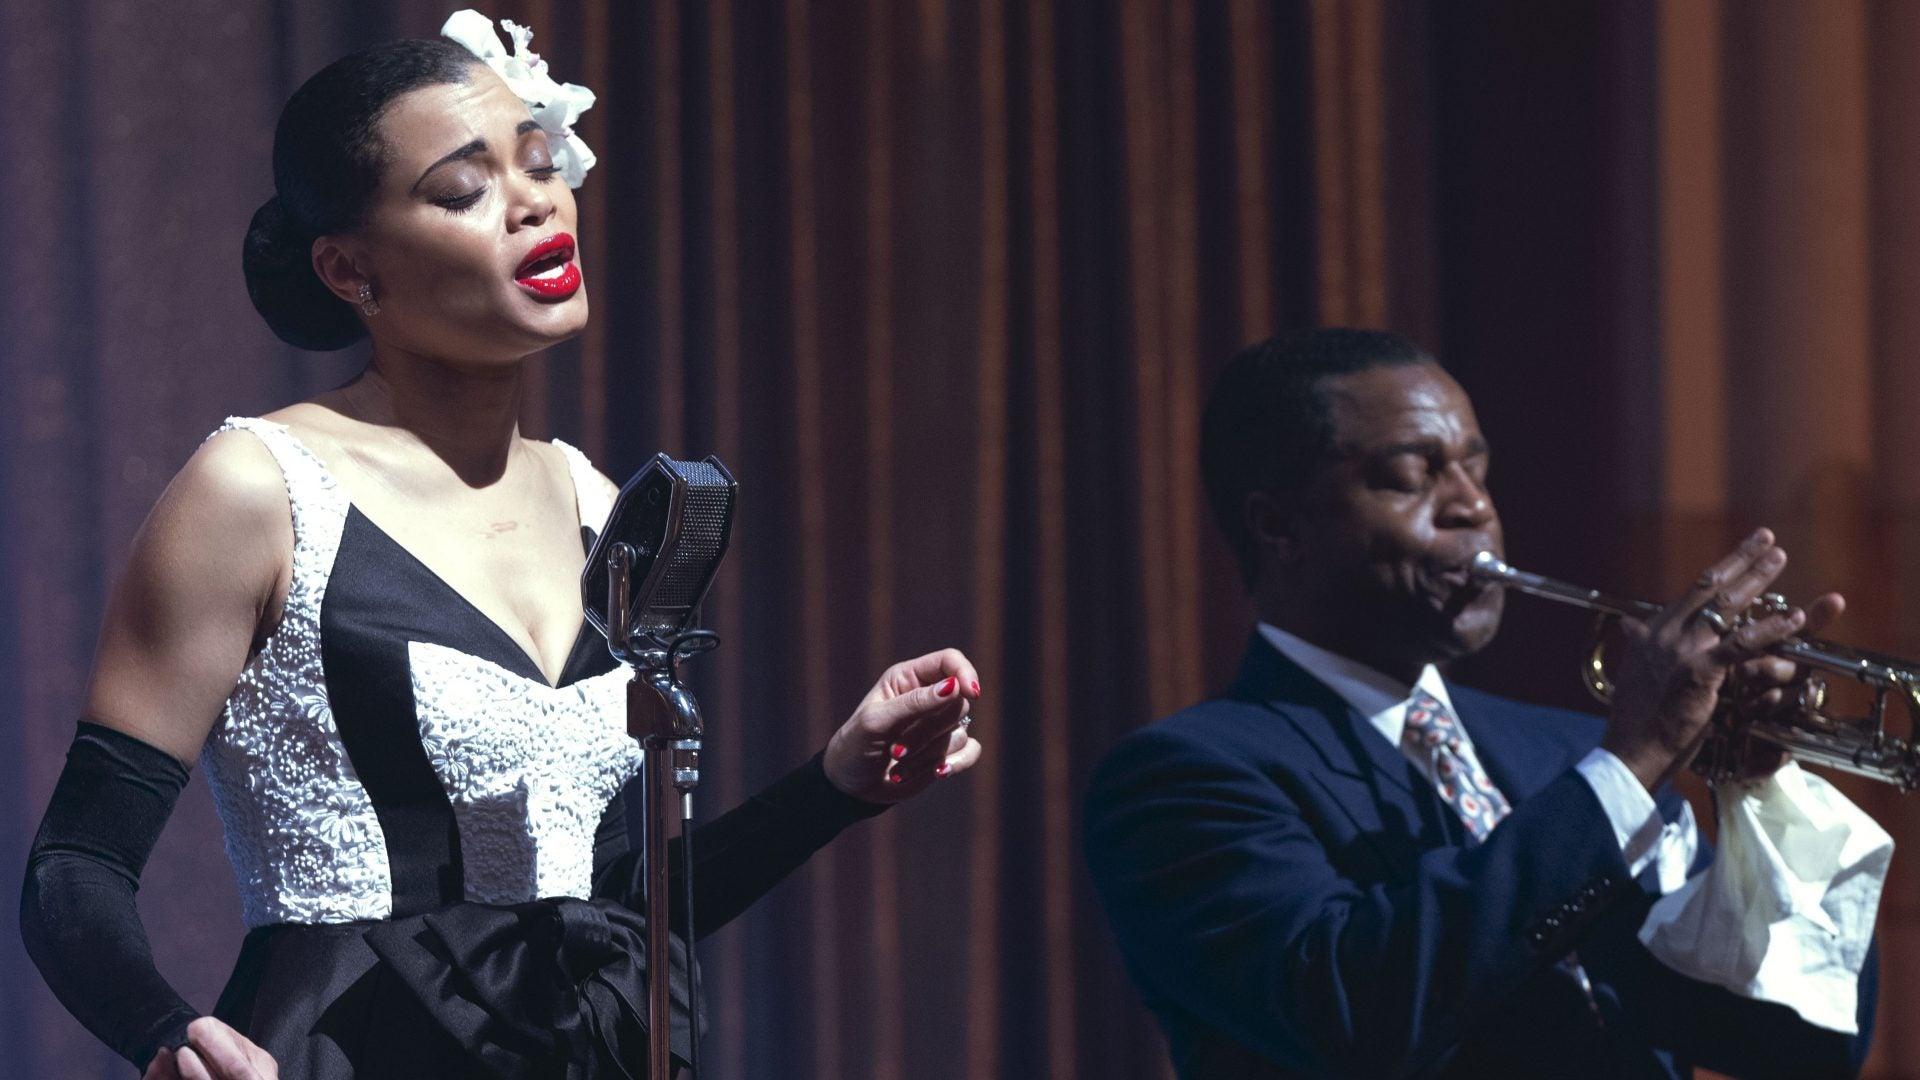 A imagem é uma cena do filme Estados Unidos Vs Billie Holiday. Na imagem, a personagem Billie, interpretada por Andra Day, está cantando no palco, à esquerda, e, à direita, vemos um músico com o que parece ser um trompete. Billie é uma mulher negra, com cabelos escuros e presos em um coque baixo e com uma flor presa no lado esquerdo da cabeça; ela usa um vestido branco e preto e está com luvas pretas nos braços.